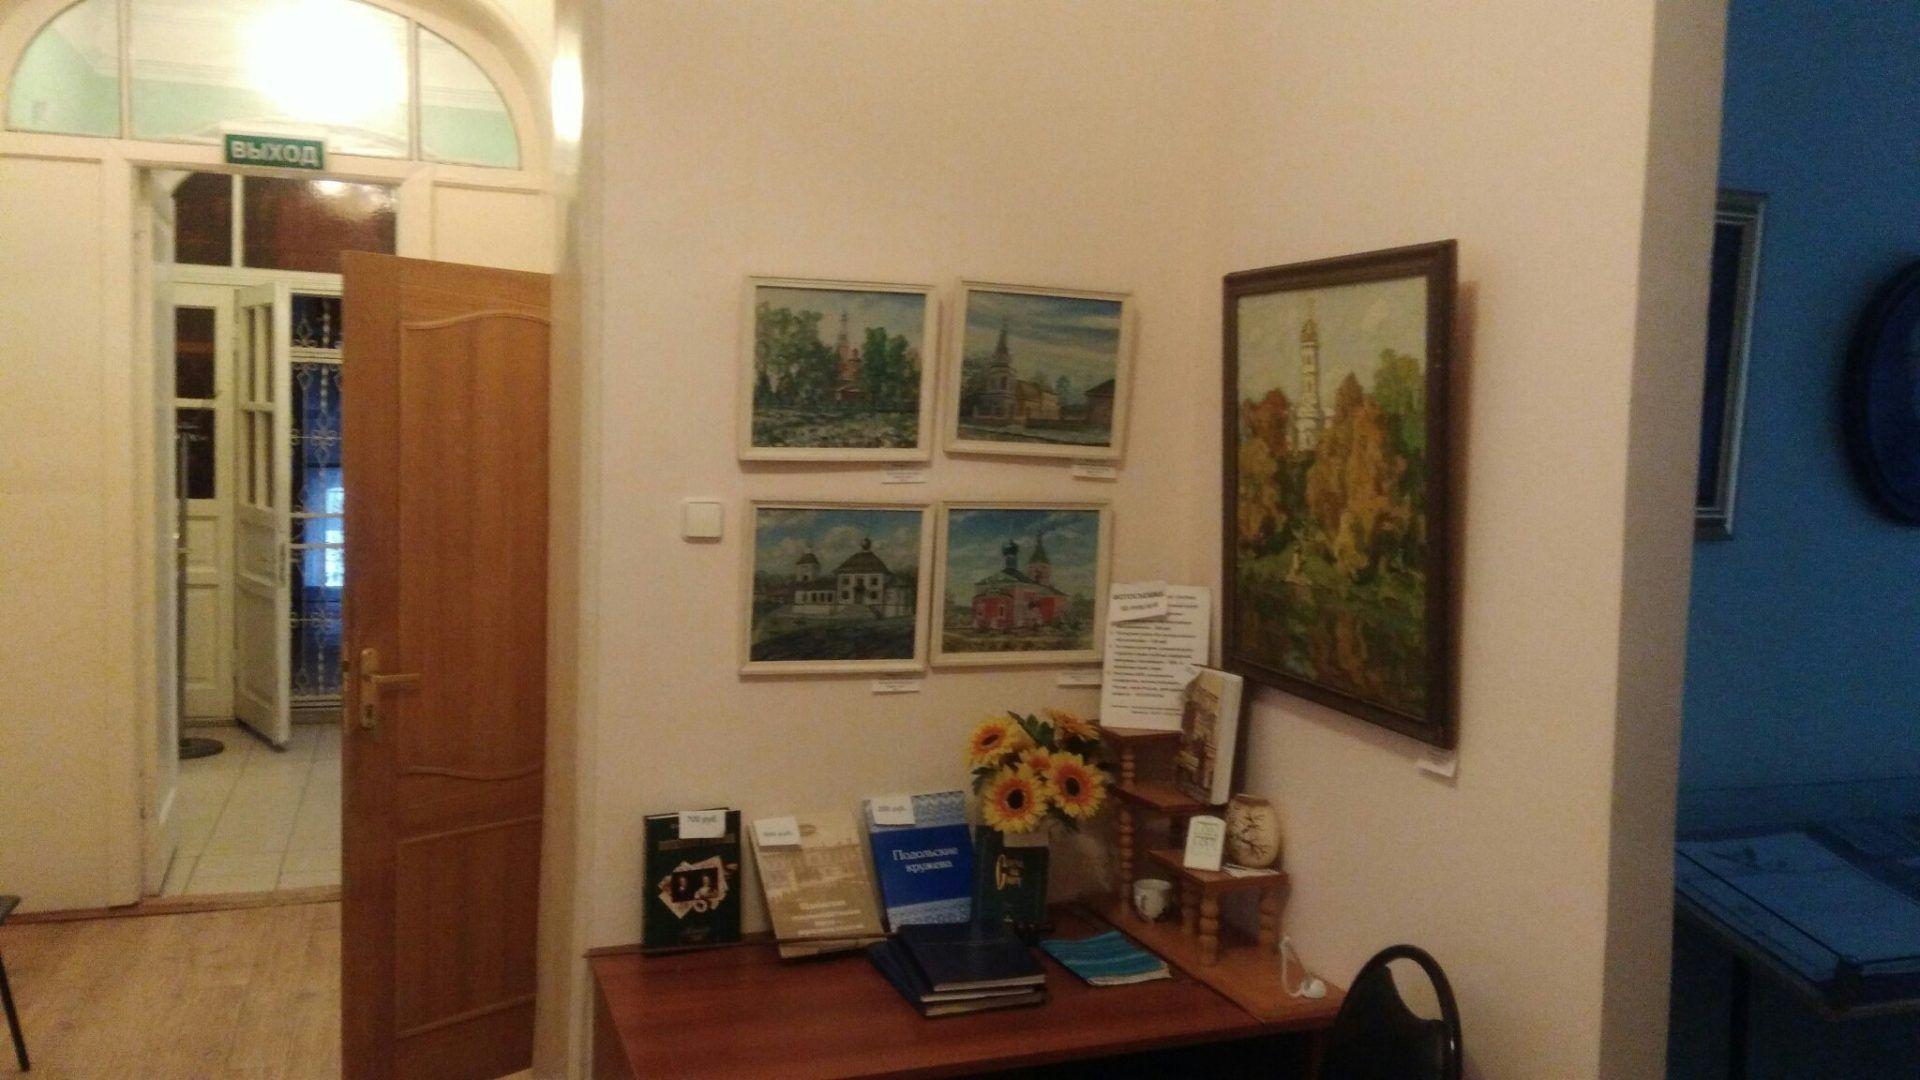 Картины в музее с видами усадьбы. Фото: Максим Землянский